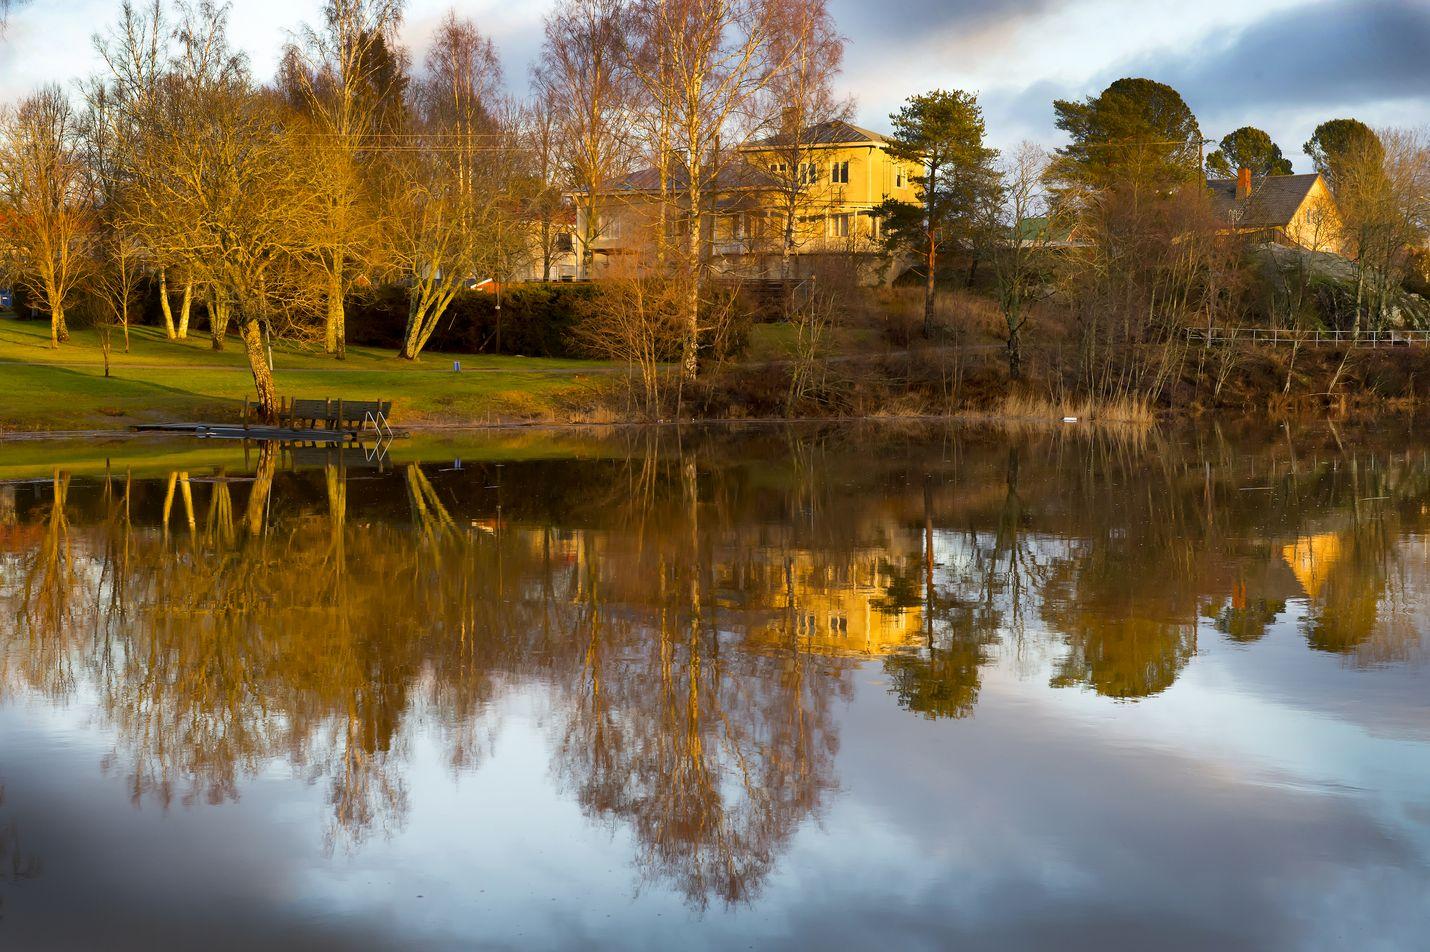 Heinäkuussa pulahdetaan puhtaiden vesien kunniaksi. Kuva: LS-arkisto/Esa Urhonen